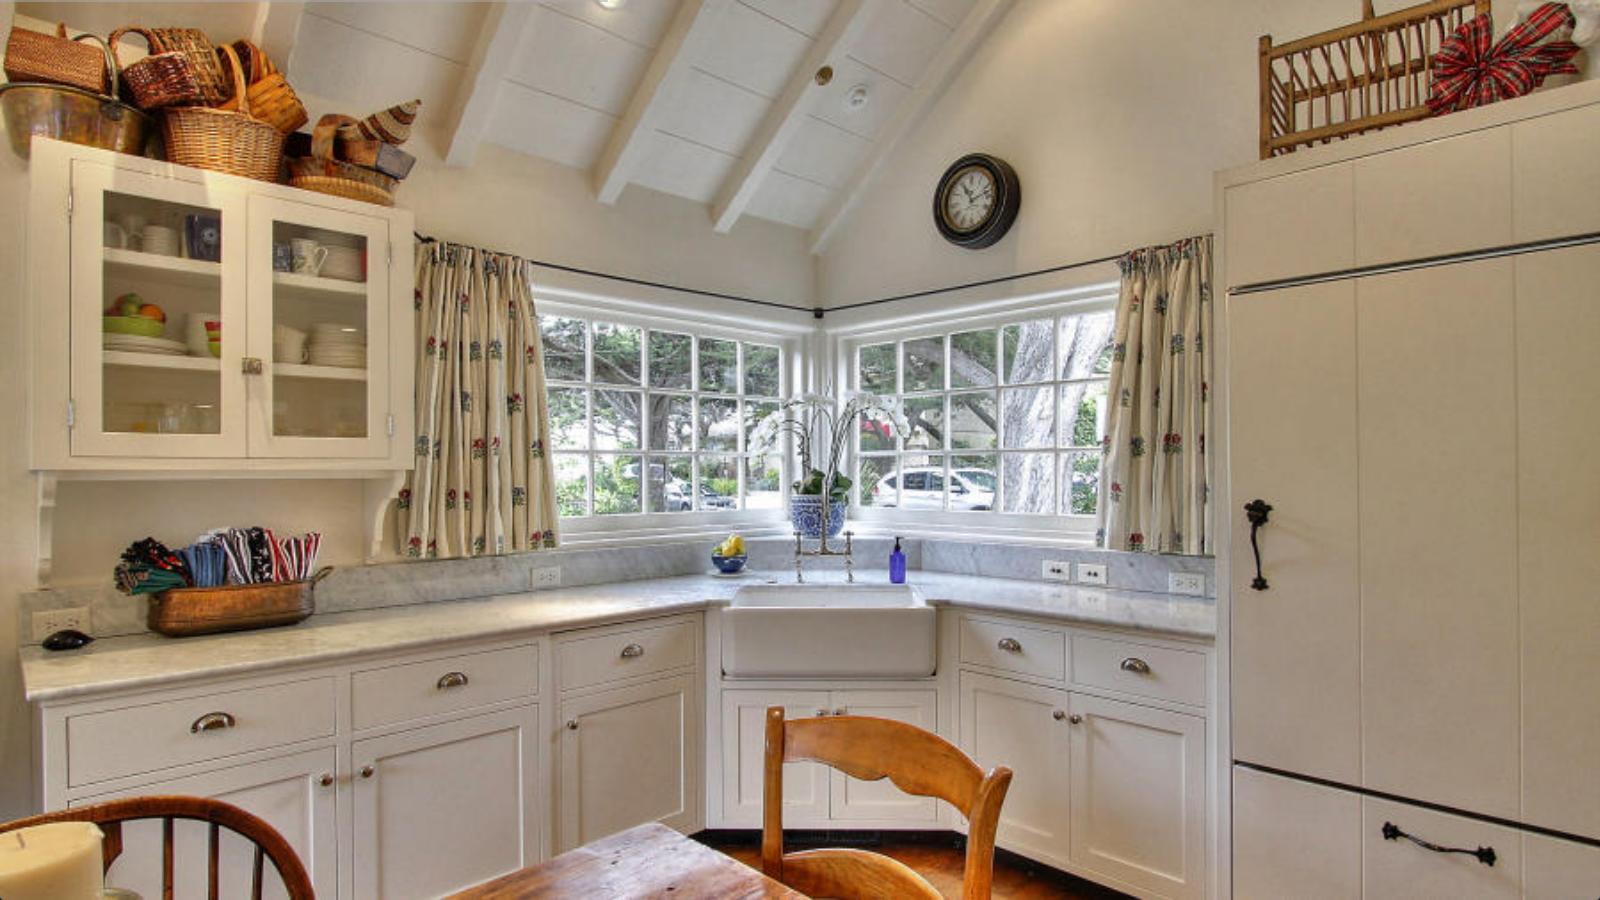 Corner window kitchen sink  ecke küche windows für gemütliche küche beleuchtung  küche design